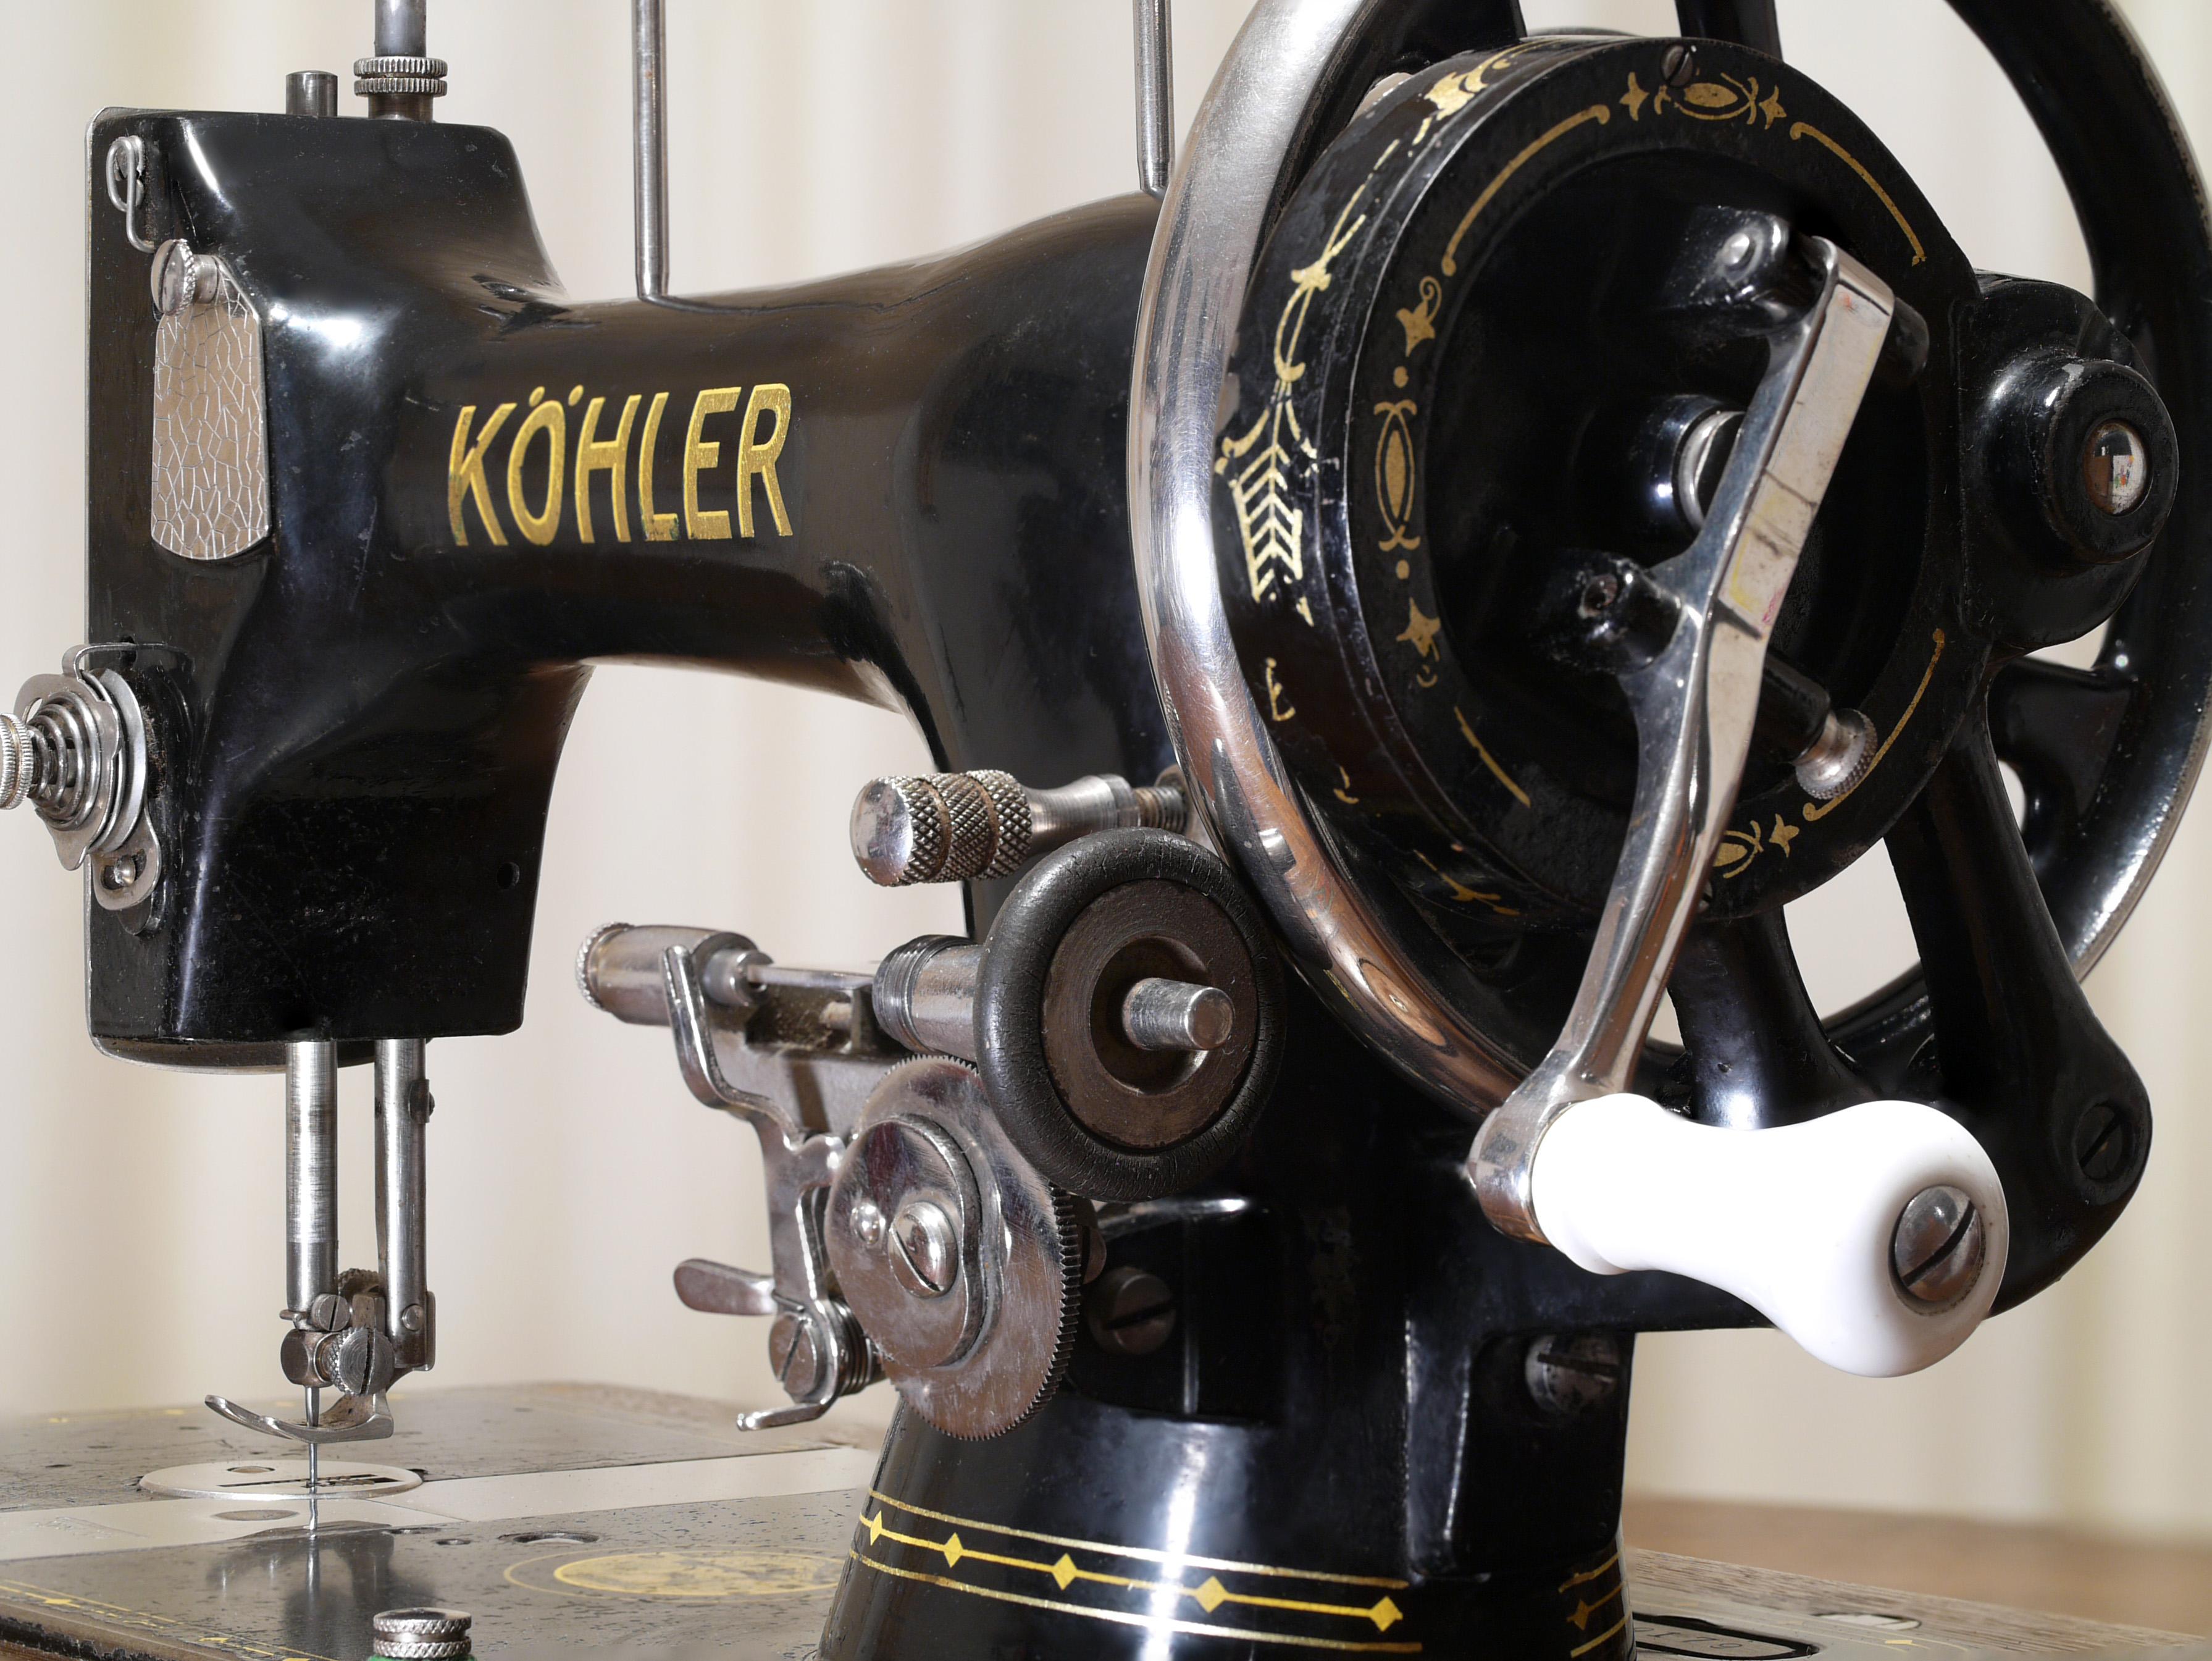 kohler sewing machine